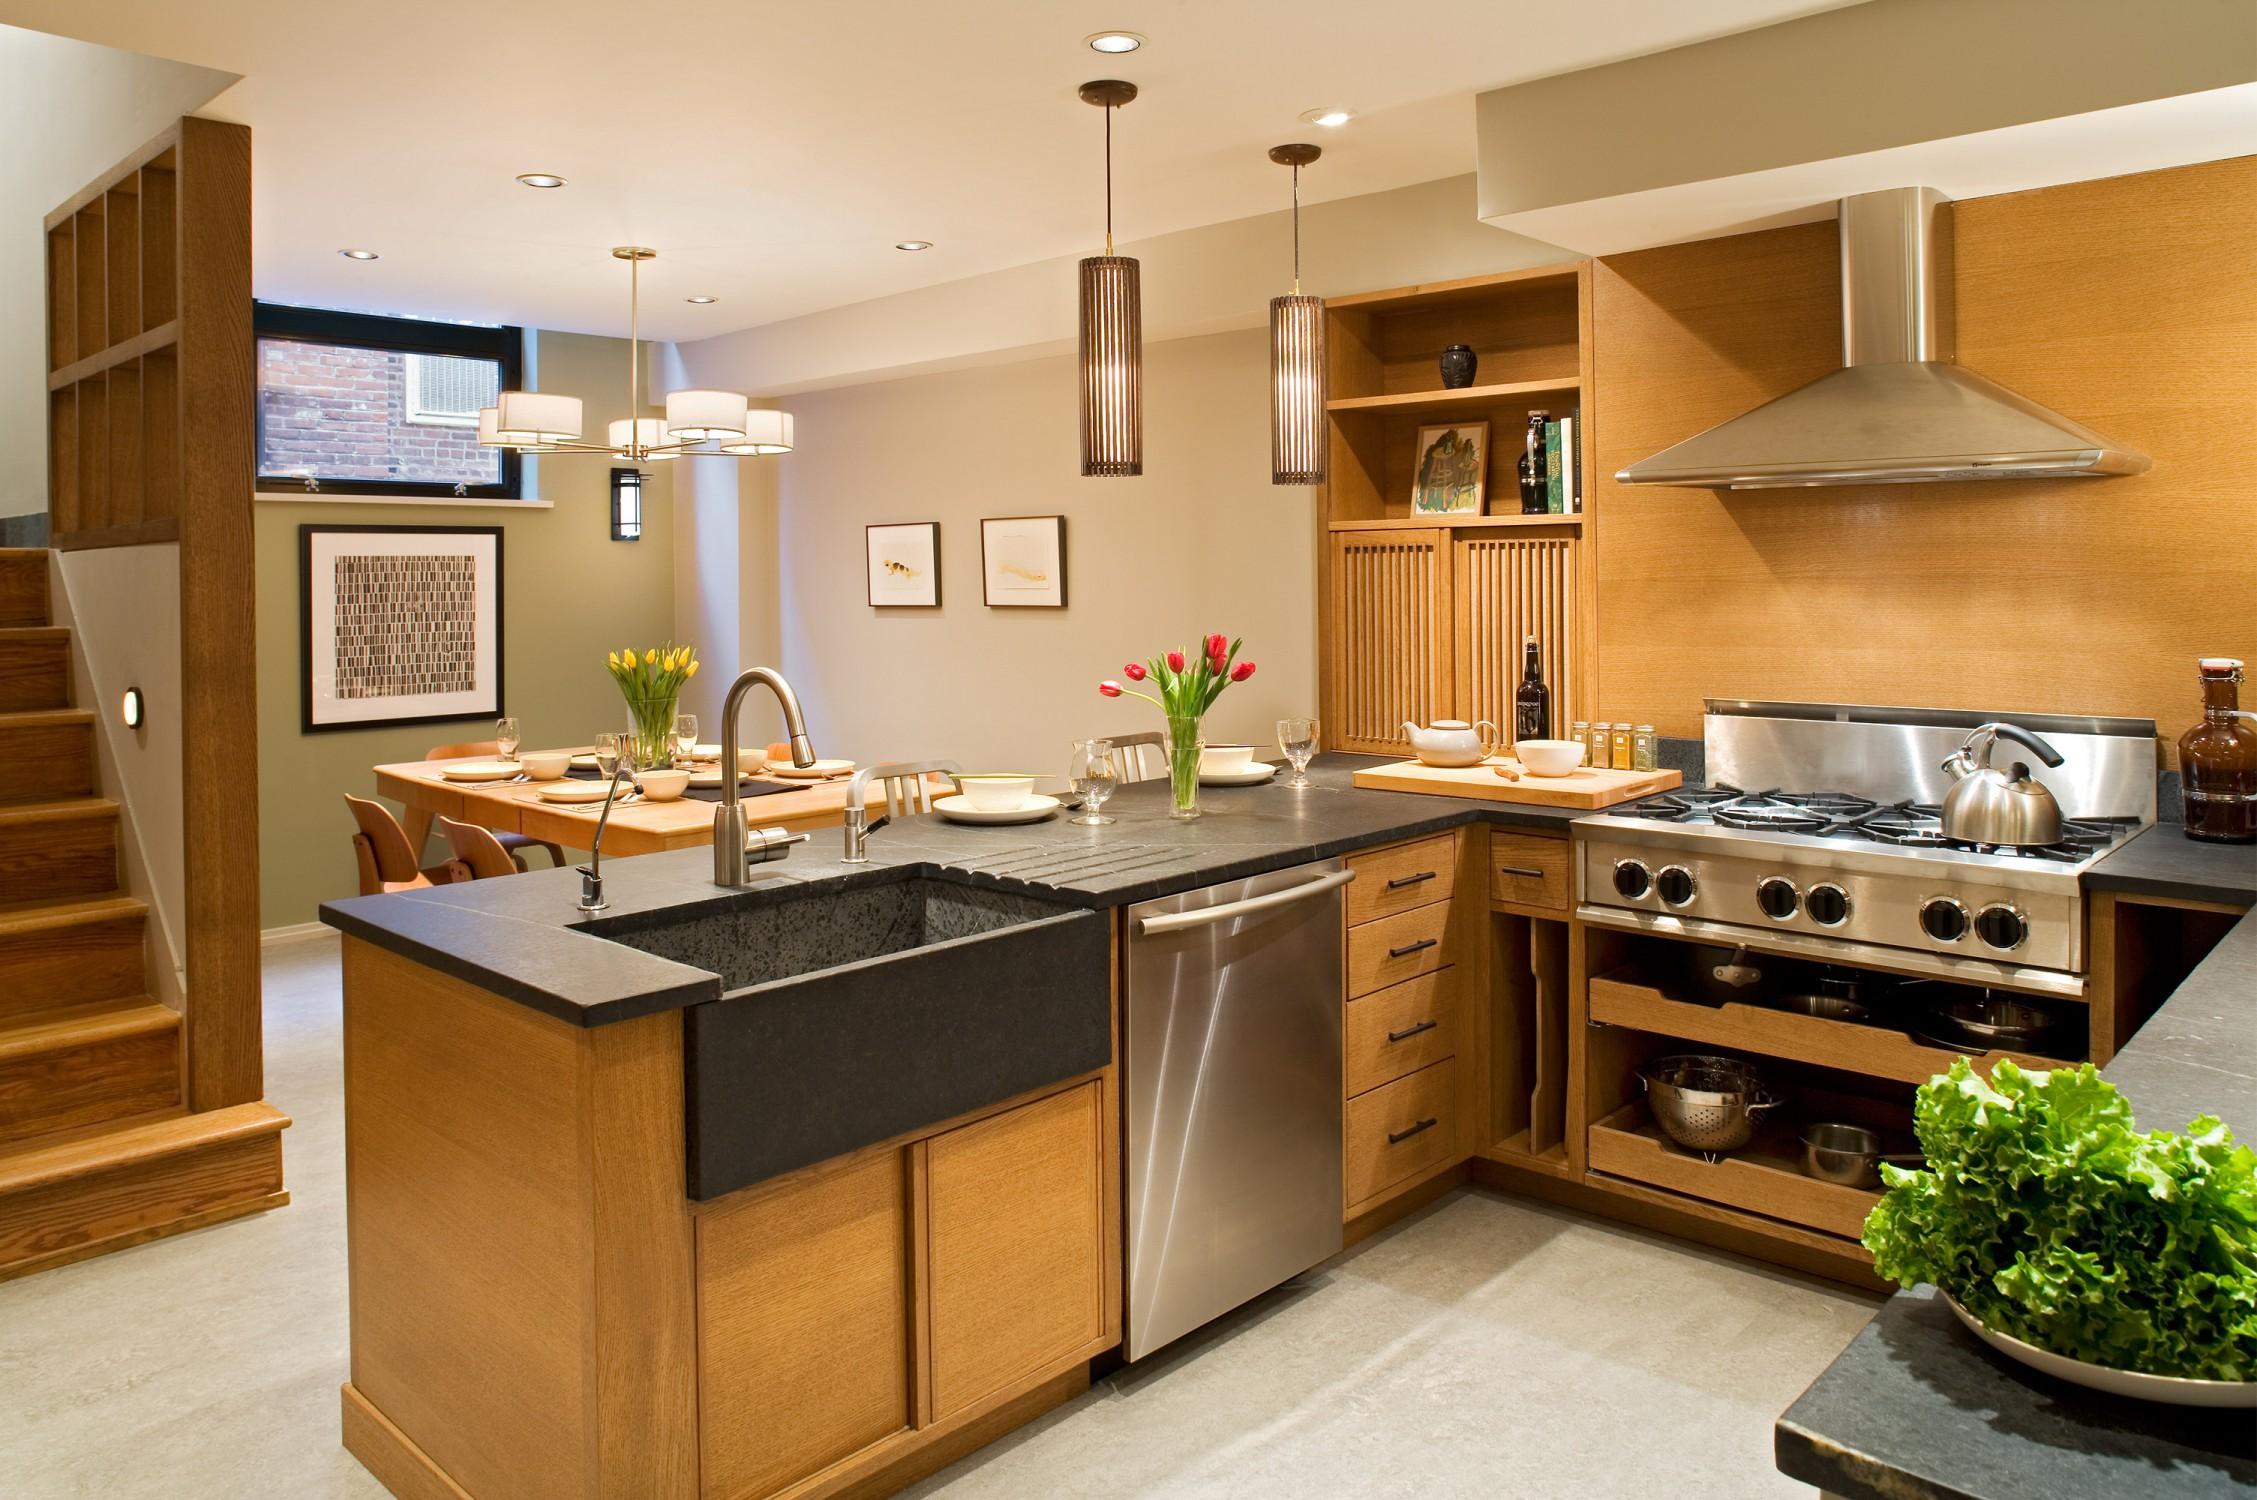 Is Refacing Kitchen Cabinets Worth It Kitchen Design Ideas Kitchen Cabinet Photos Gallery Part